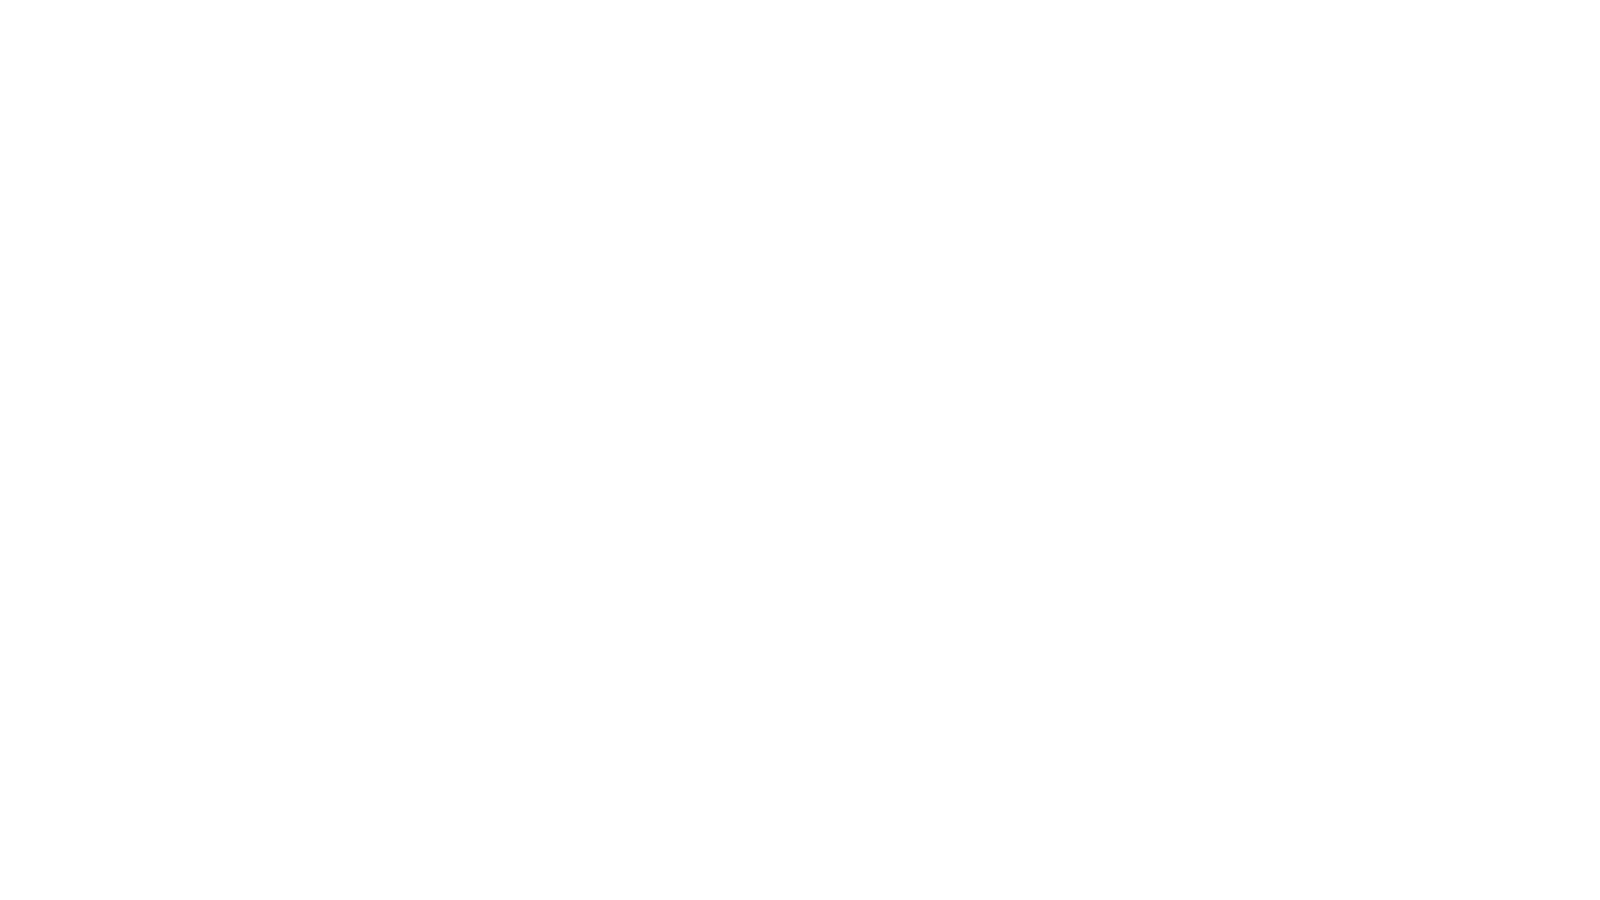 「シャンプー中の音が好き」という皆さまへ。  #シャンプー #癒しの音 #代々木八幡 #キッズカット   代々木八幡 美容室スプラッシュ https://www.hairsplash.net  キッズカット https://www.hairsplash.net/kids-haircut.html